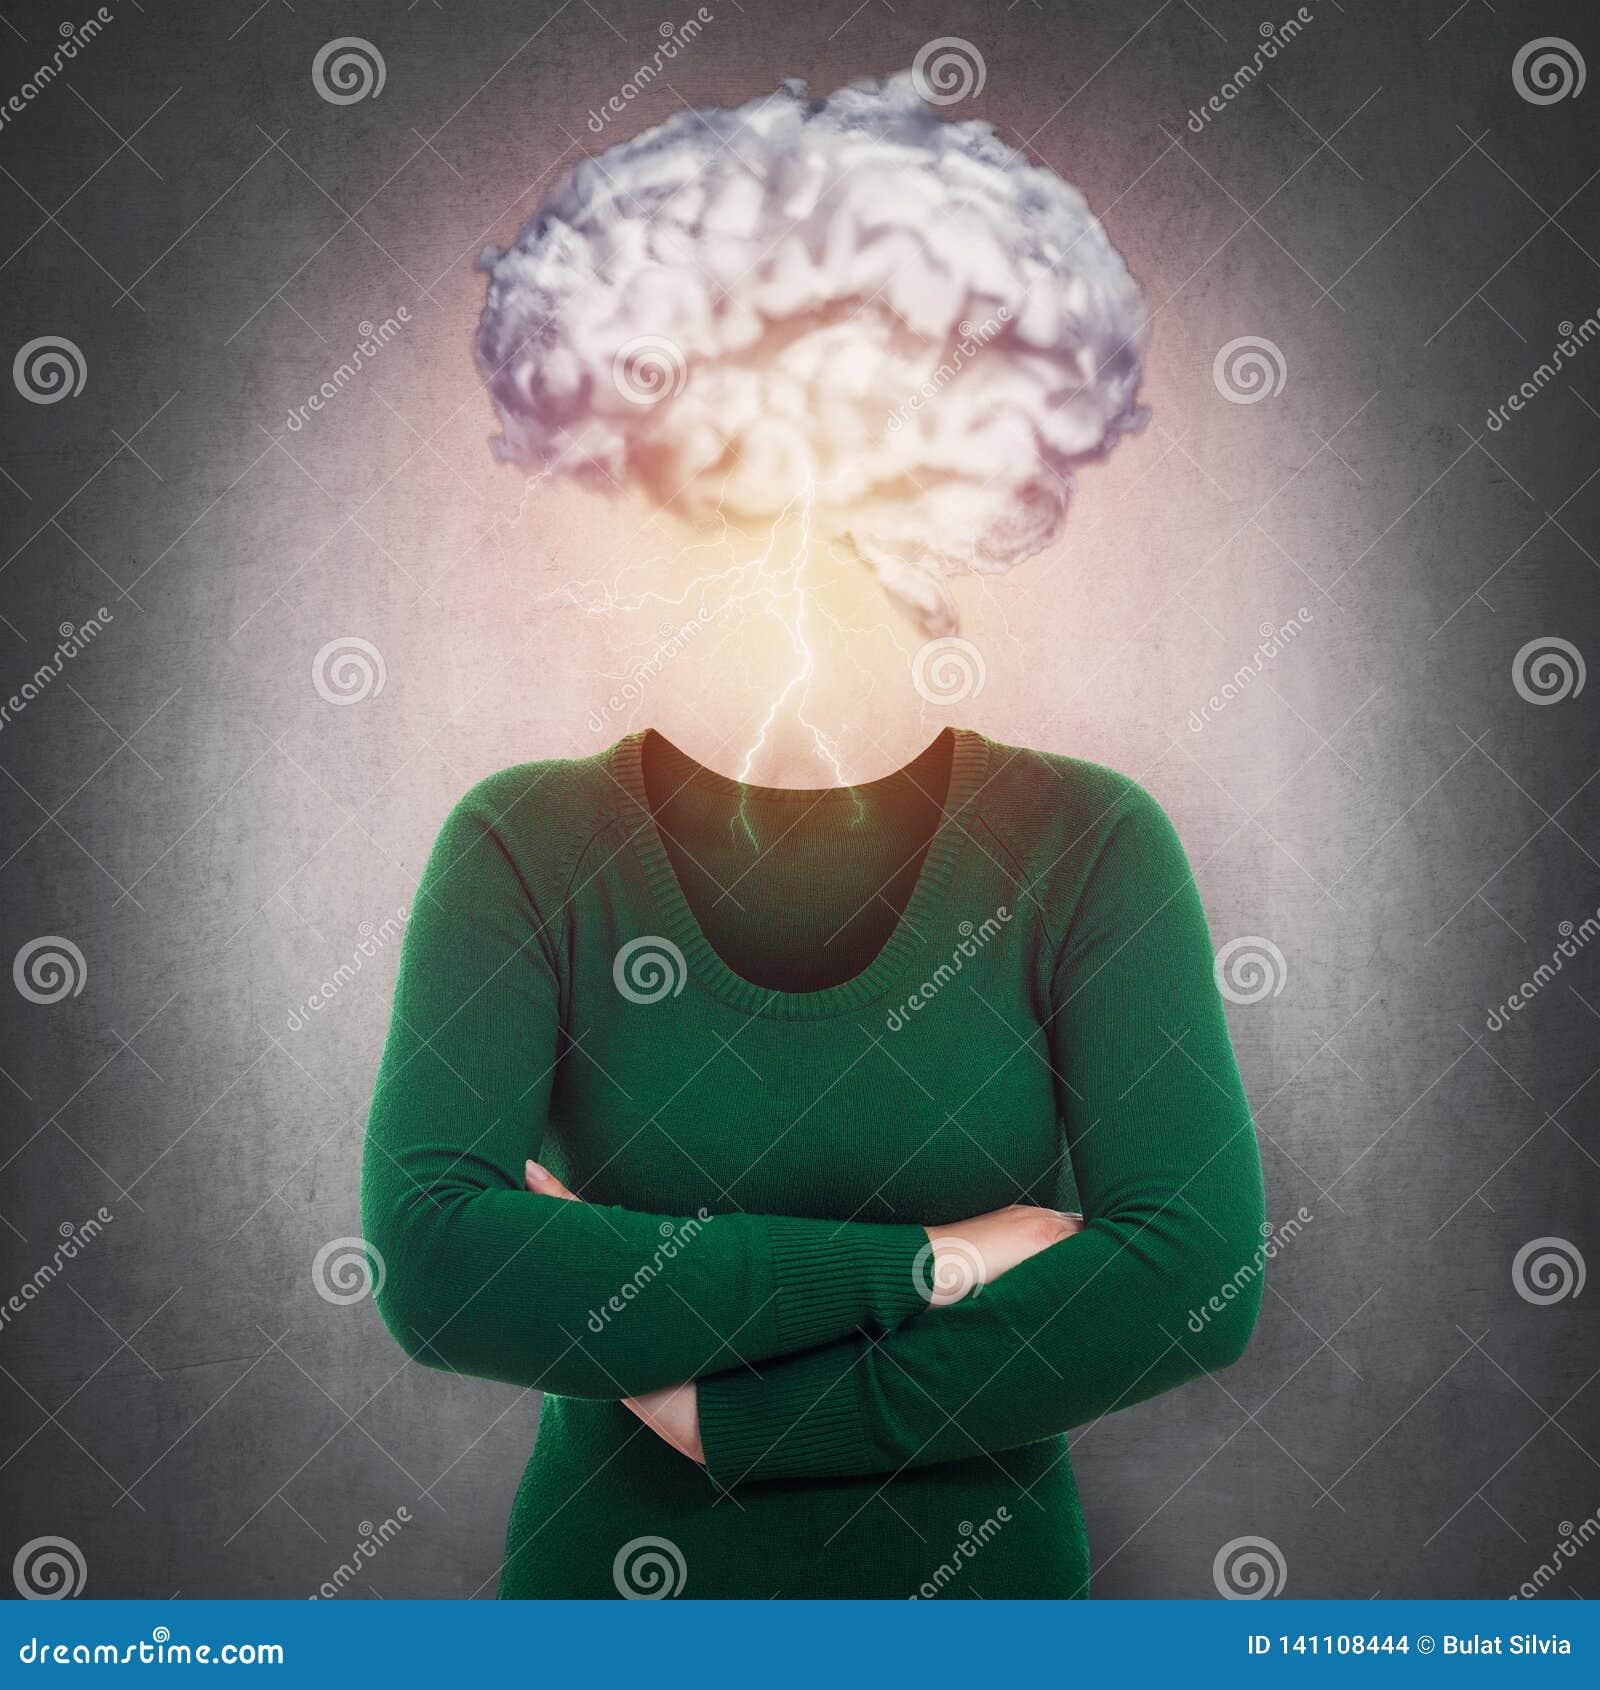 Concepto psicológico del trastorno mental